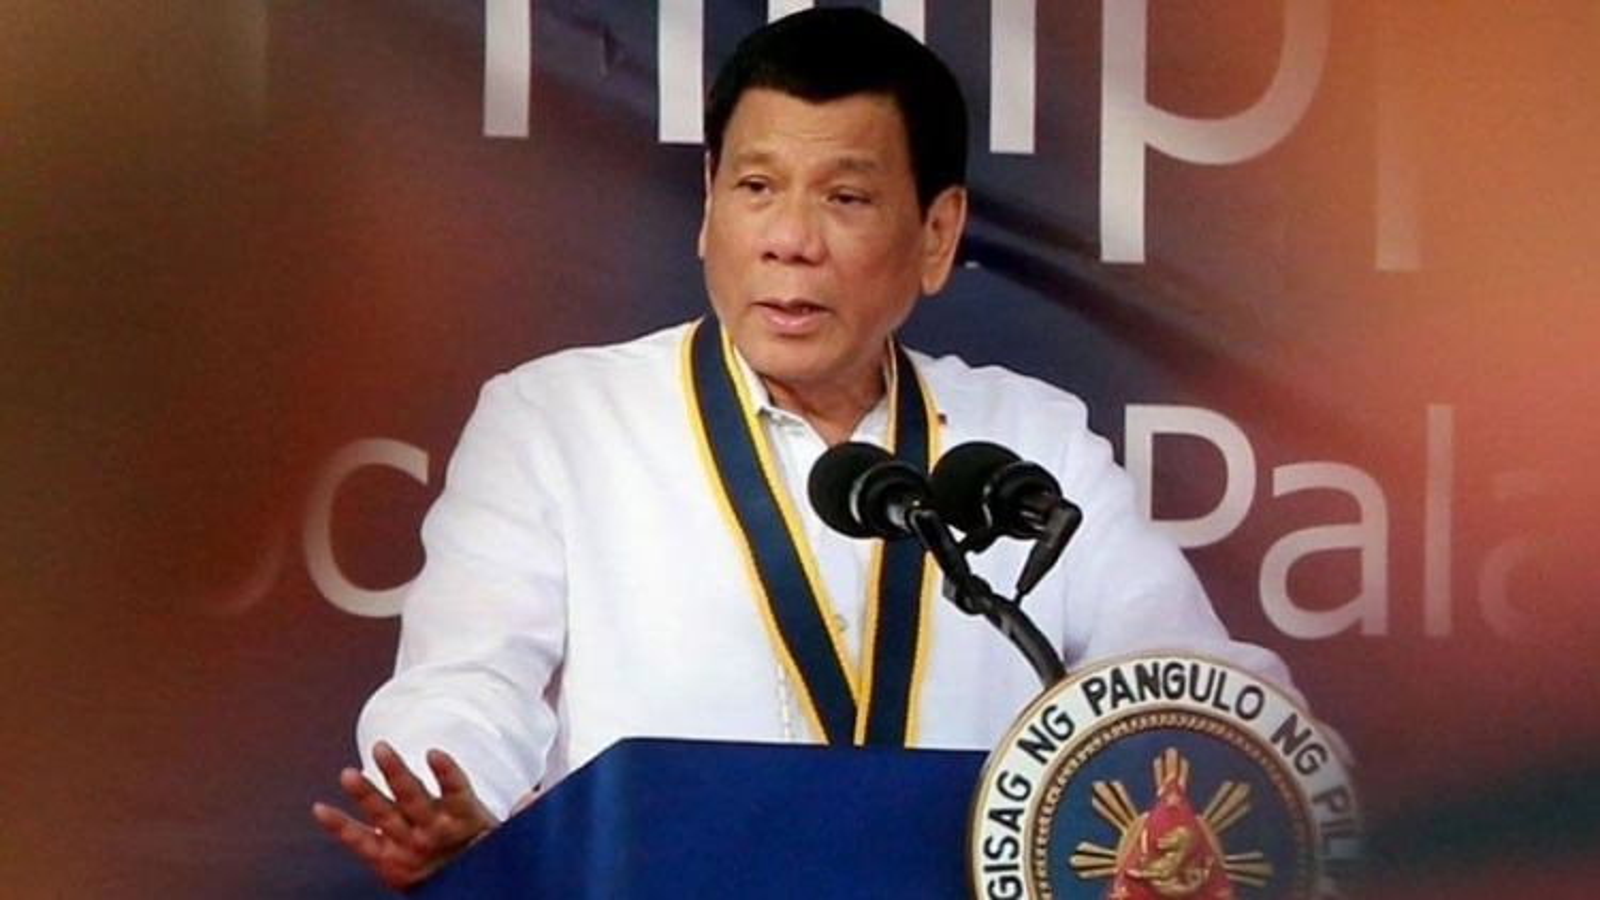 Philippines gác lại vấn đề Biển Đông, tiếp tục hợp tác với Trung Quốc